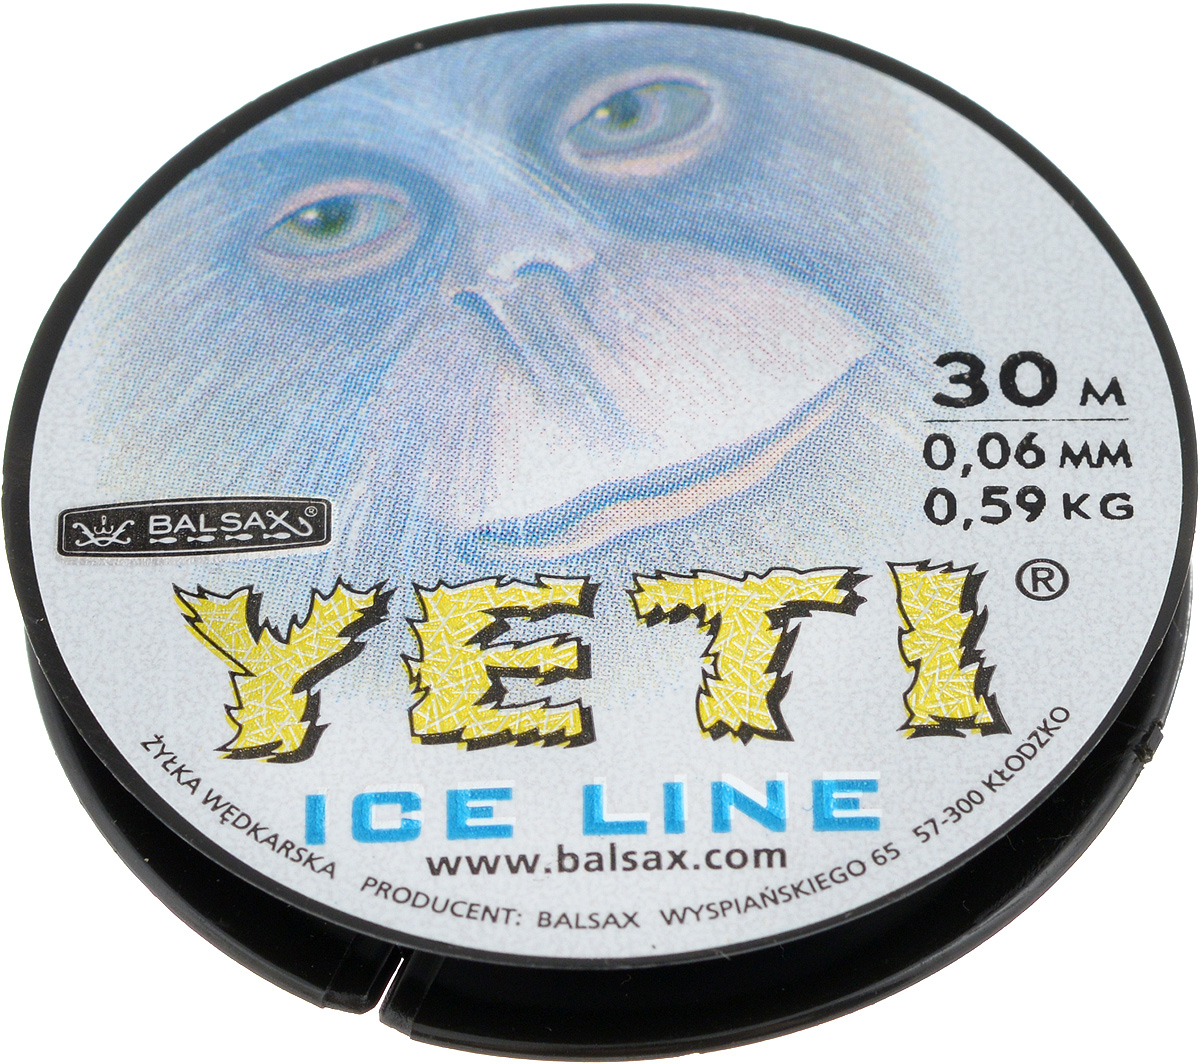 Леска зимняя Balsax Yeti, 30 м, 0,06 мм, 0,59 кг310-04014Леска Balsax Yeti изготовлена из 100% нейлона и очень хорошо выдерживает низкие температуры. Даже в самом холодном климате, при температуре вплоть до -40°C, она сохраняет свои свойства практически без изменений, в то время как традиционные лески становятся менее эластичными и теряют прочность.Поверхность лески обработана таким образом, что она не обмерзает и отлично подходит для подледного лова. Прочна в местах вязки узлов даже при минимальном диаметре.